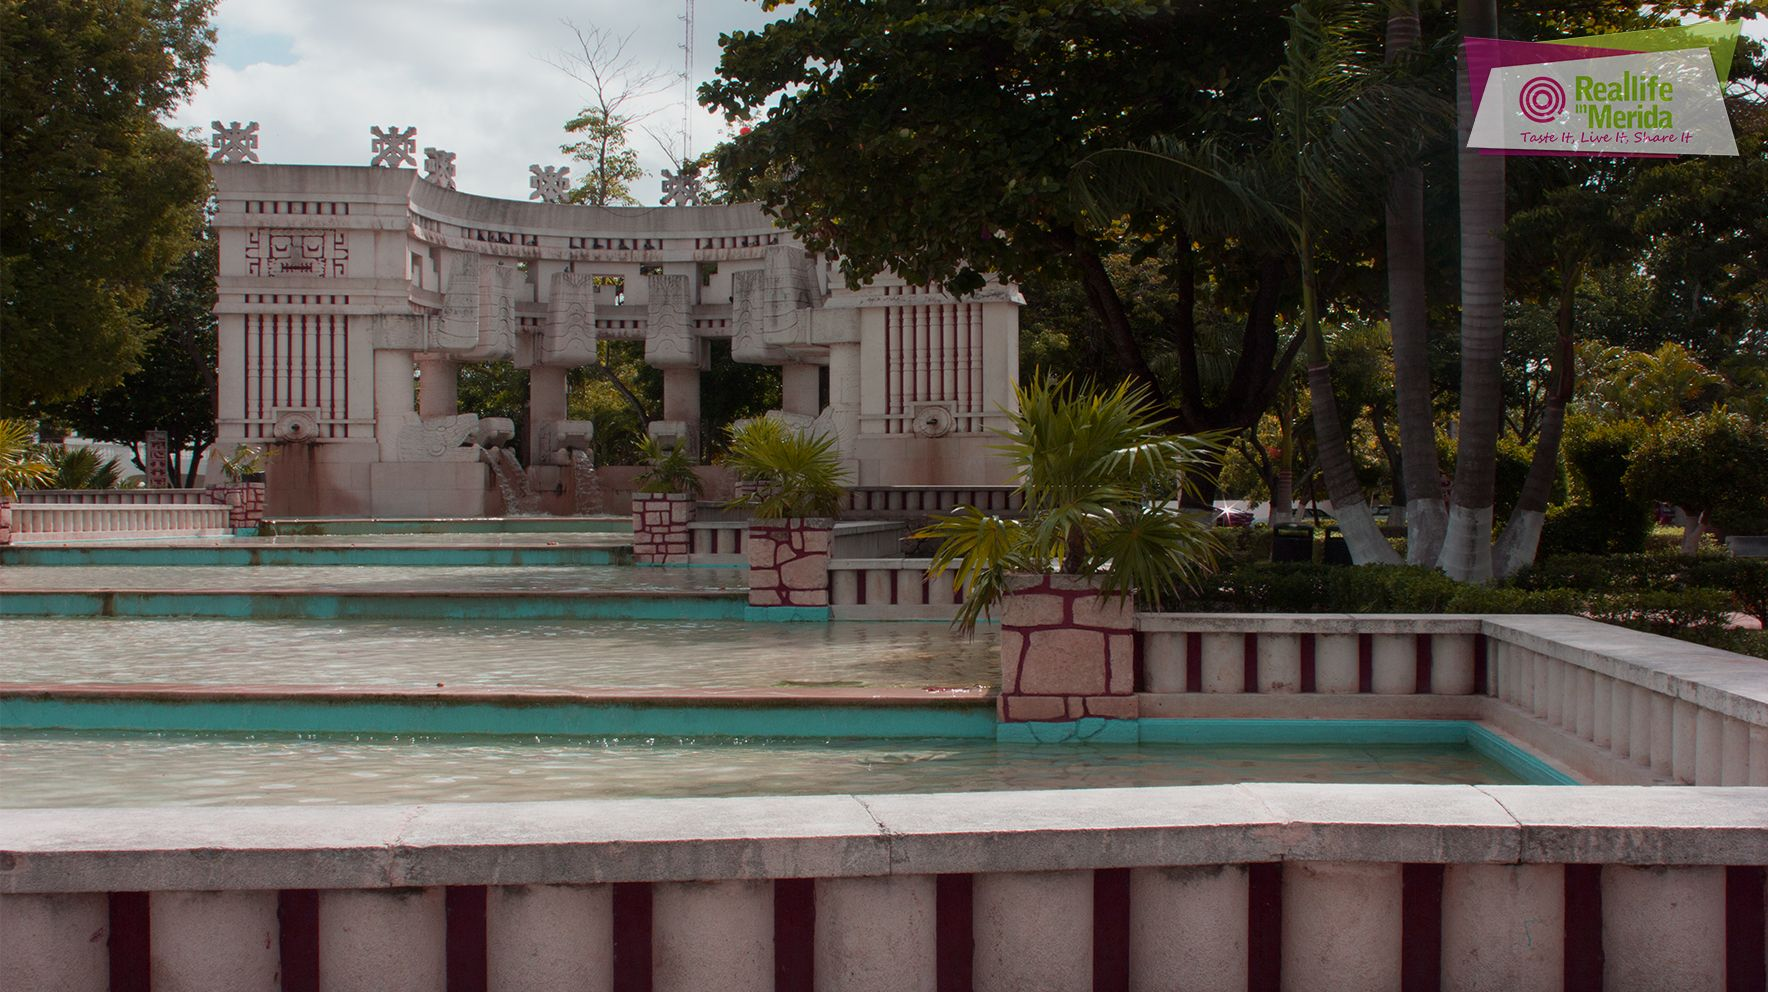 Descubre la historia de el parque de las Américas. https://www.facebook.com/MeridaEnLaHistoria/videos/558760880954208/